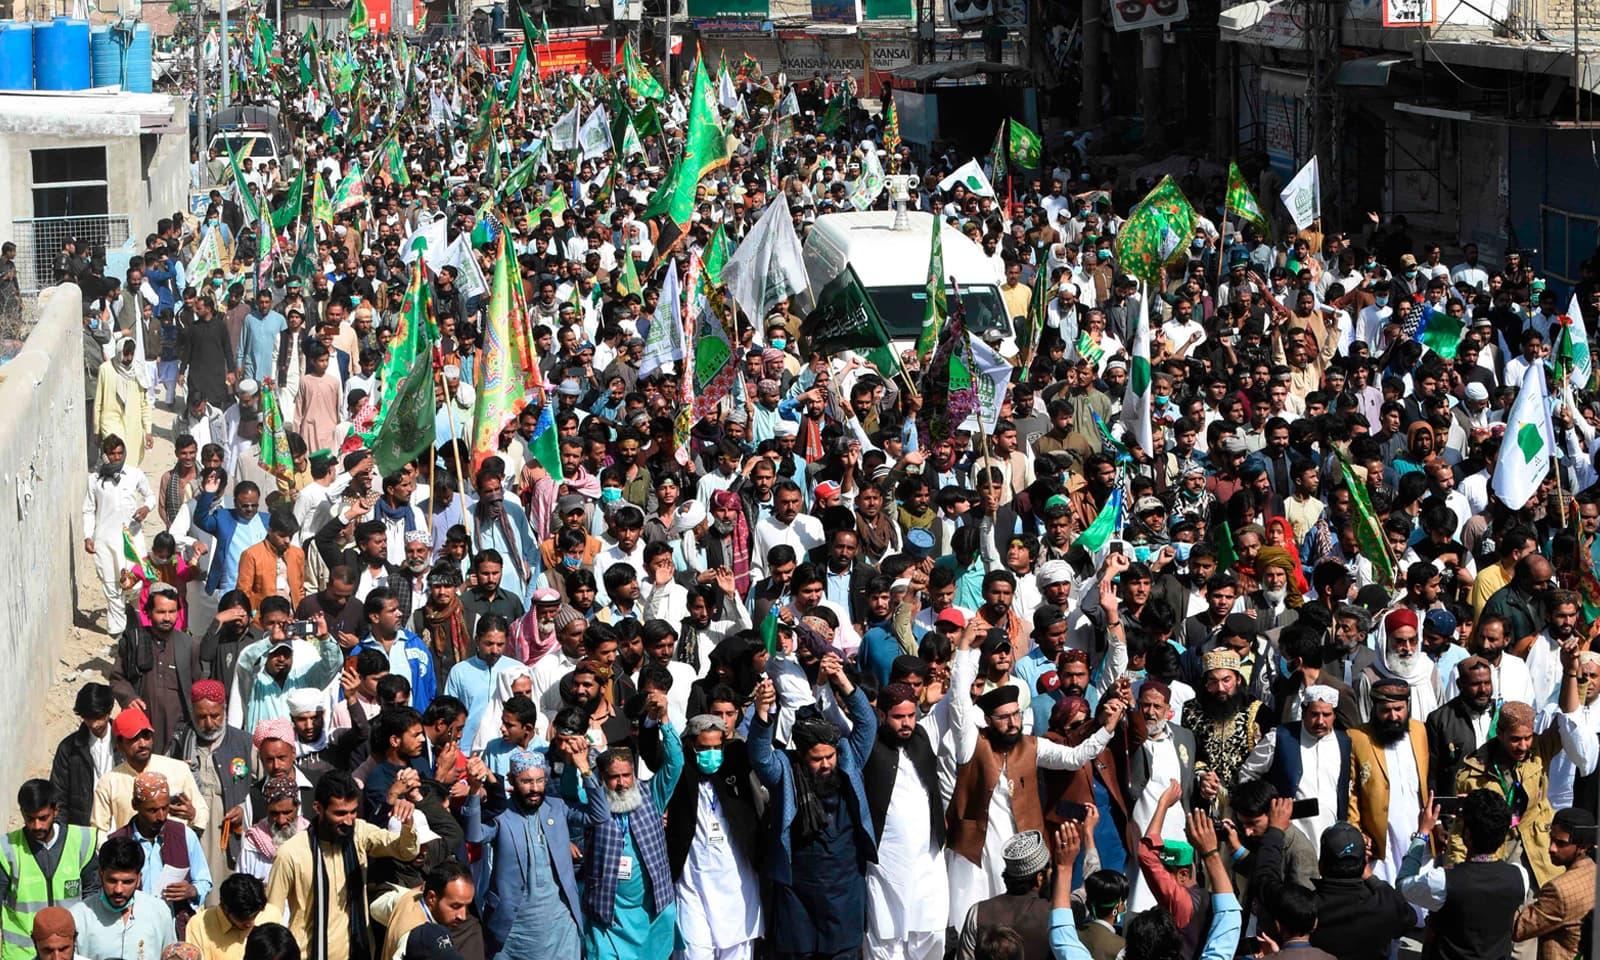 کوئٹہ میں بھی جلوس اور ریلیاں نکالی گئیں— فوٹو: اے ایف پی